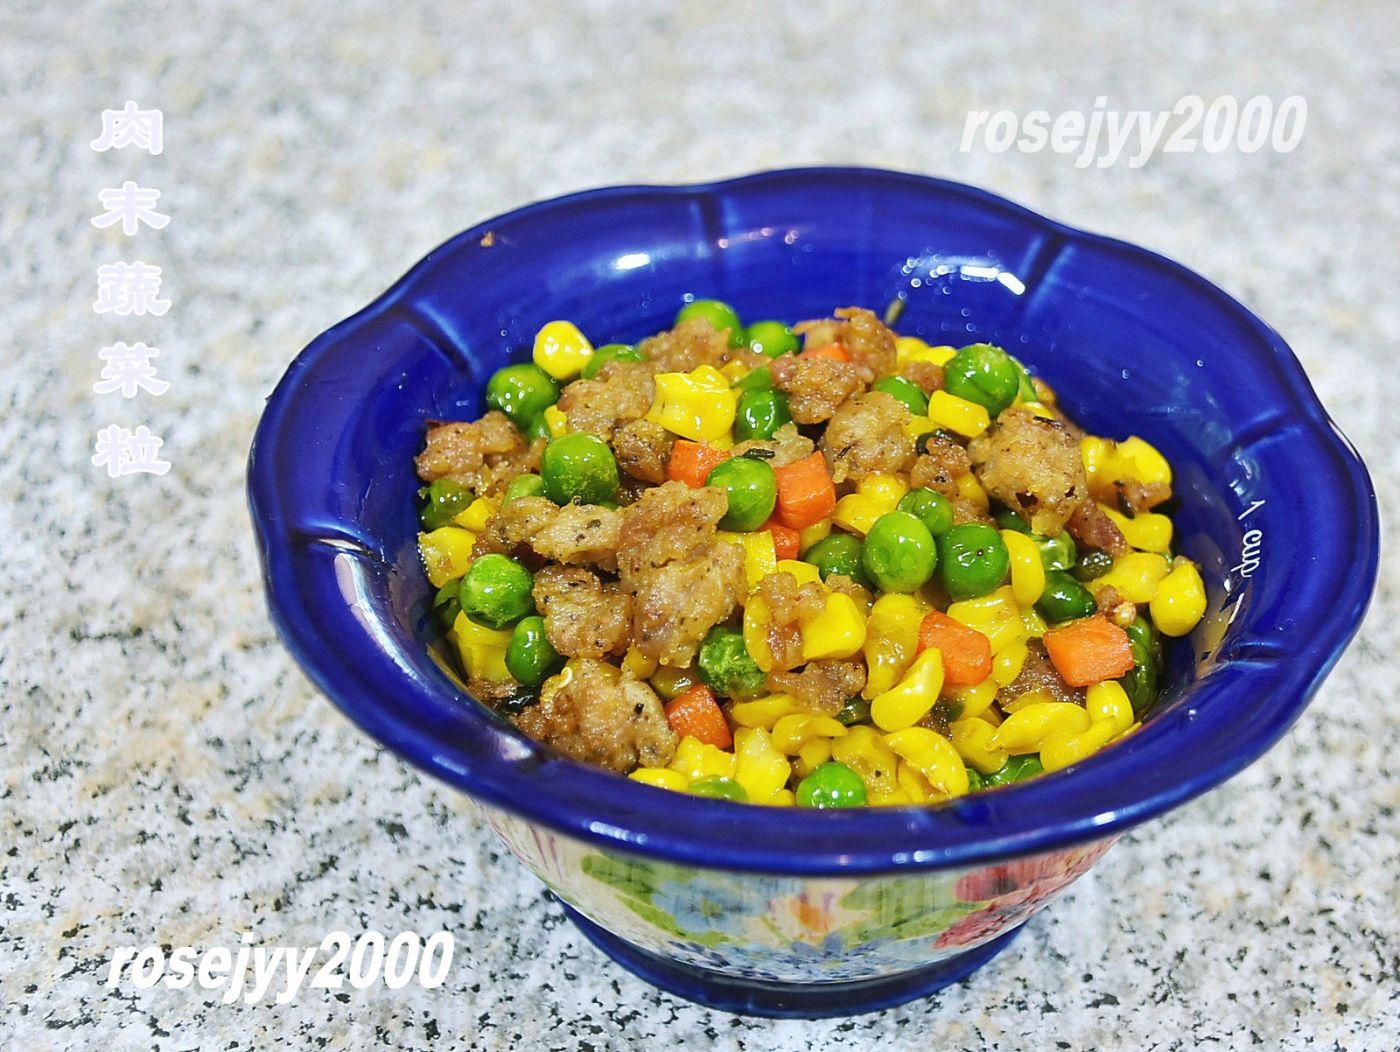 肉末蔬菜粒_图1-1